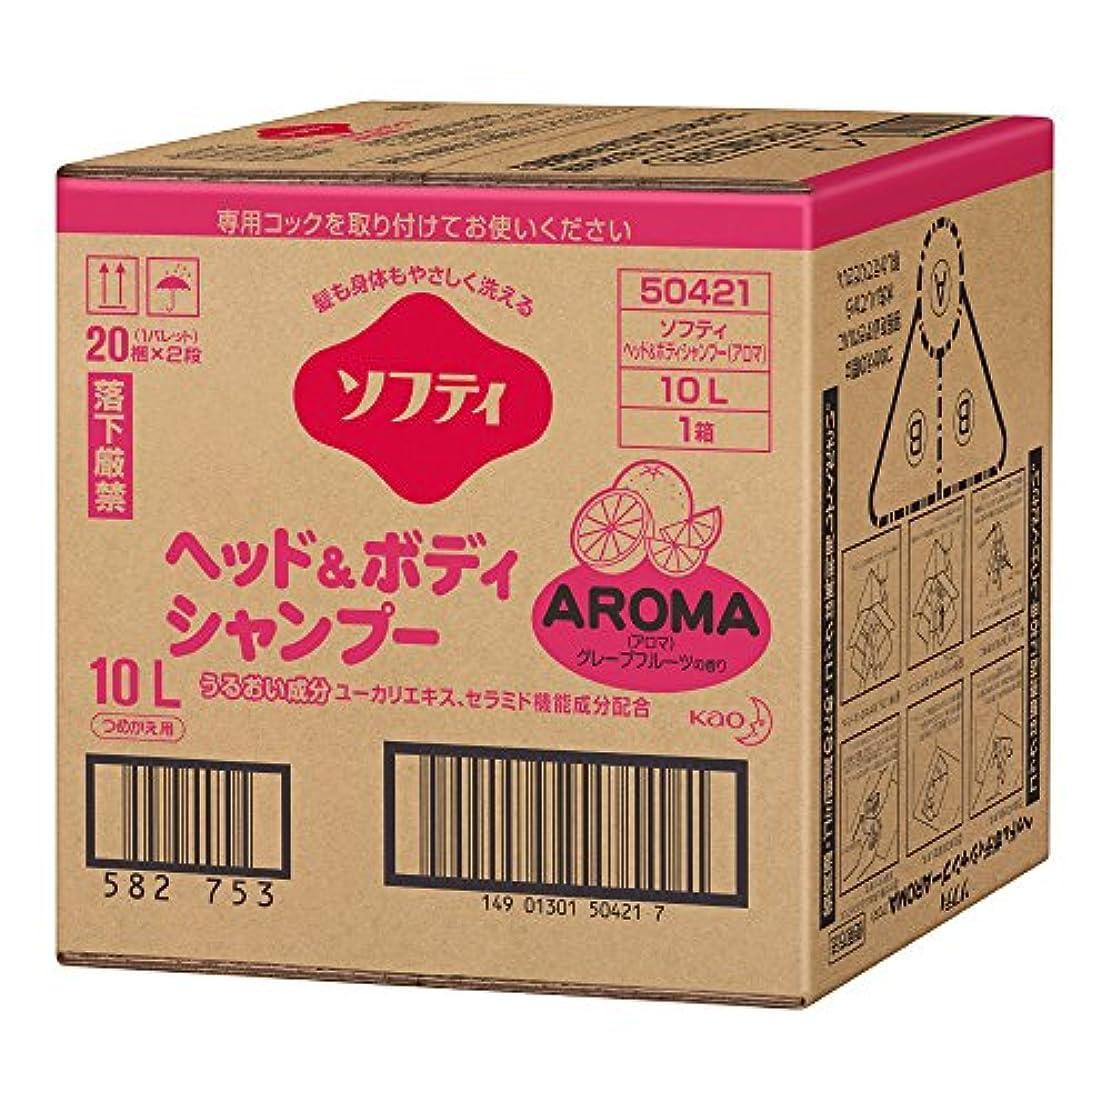 薄い教育者飲食店ソフティ ヘッド&ボディシャンプーAROMA(アロマ) 10L バッグインボックスタイプ (花王プロフェッショナルシリーズ)